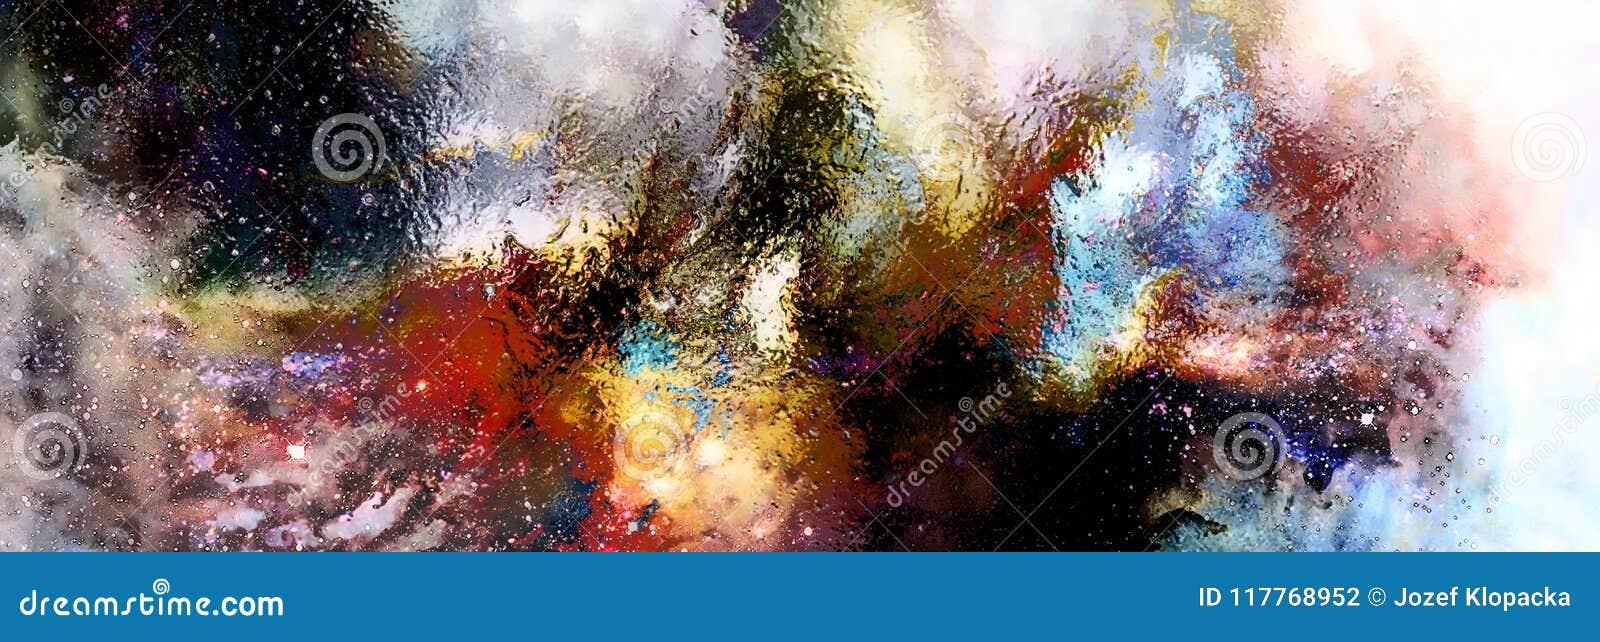 Espacio y estrellas cósmicas, fondo abstracto cósmico y efecto del vidrio